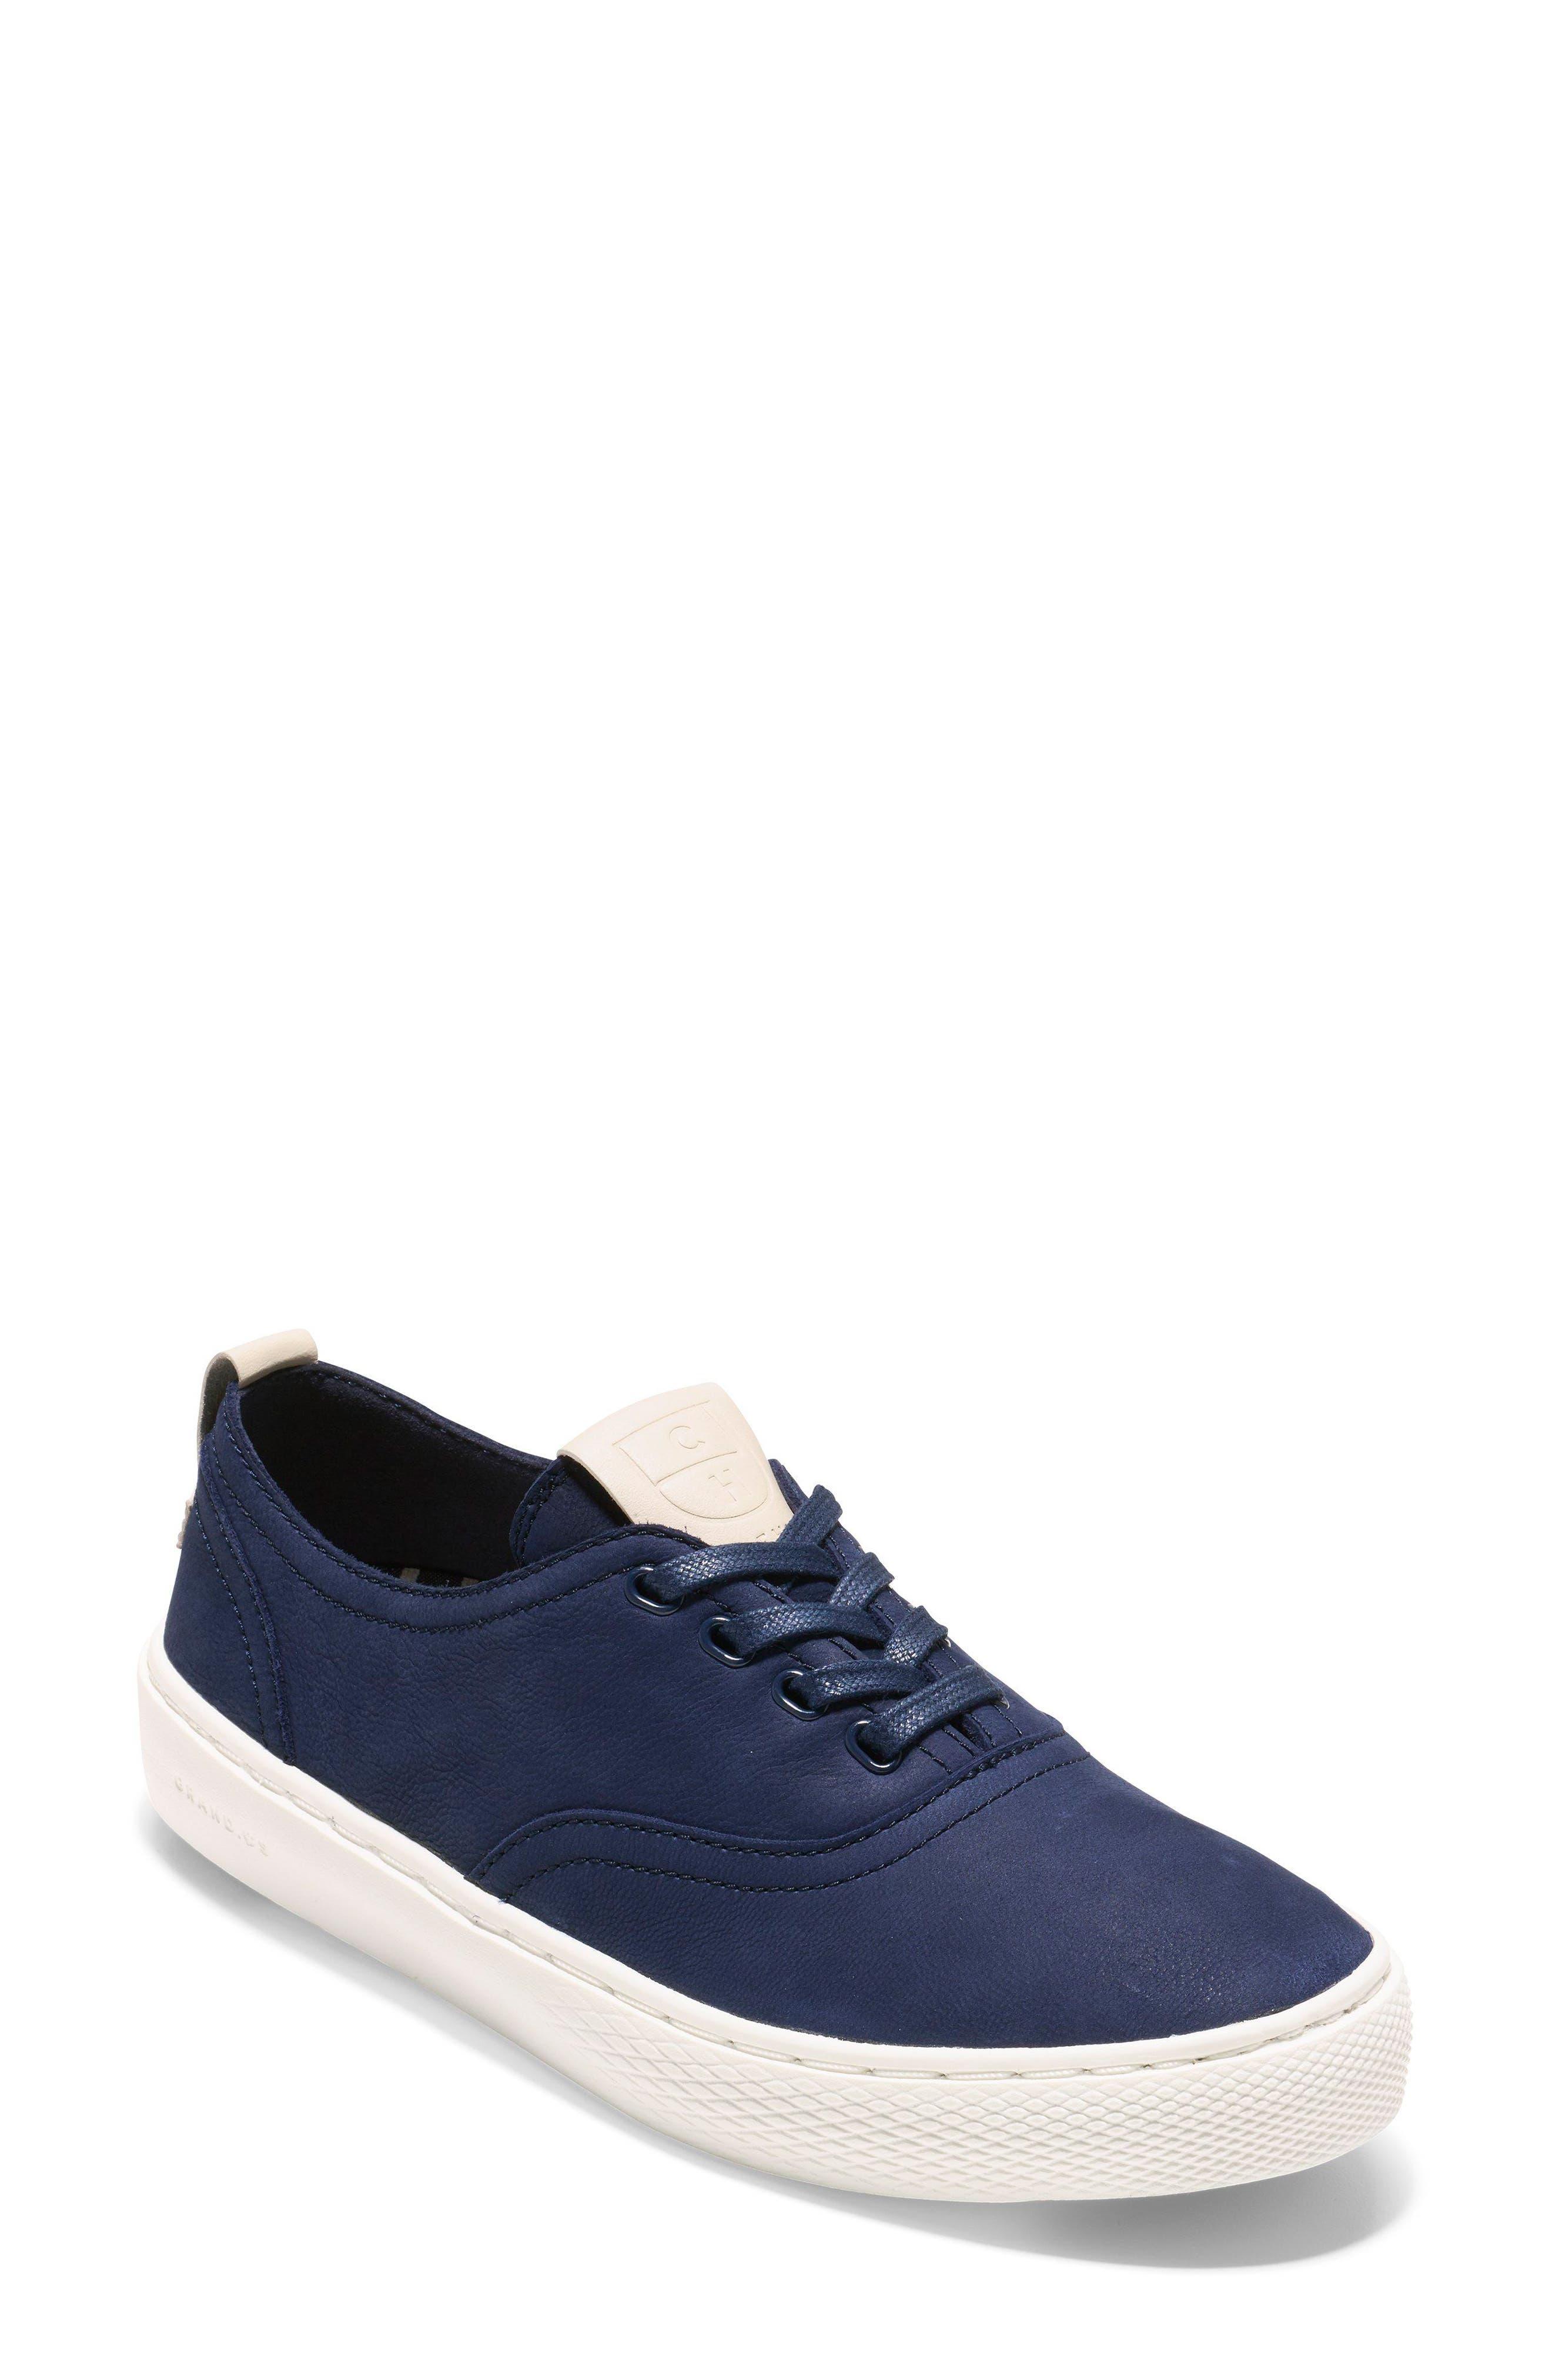 GrandPro Deck Sneaker,                         Main,                         color, Blue/ White Nubuck